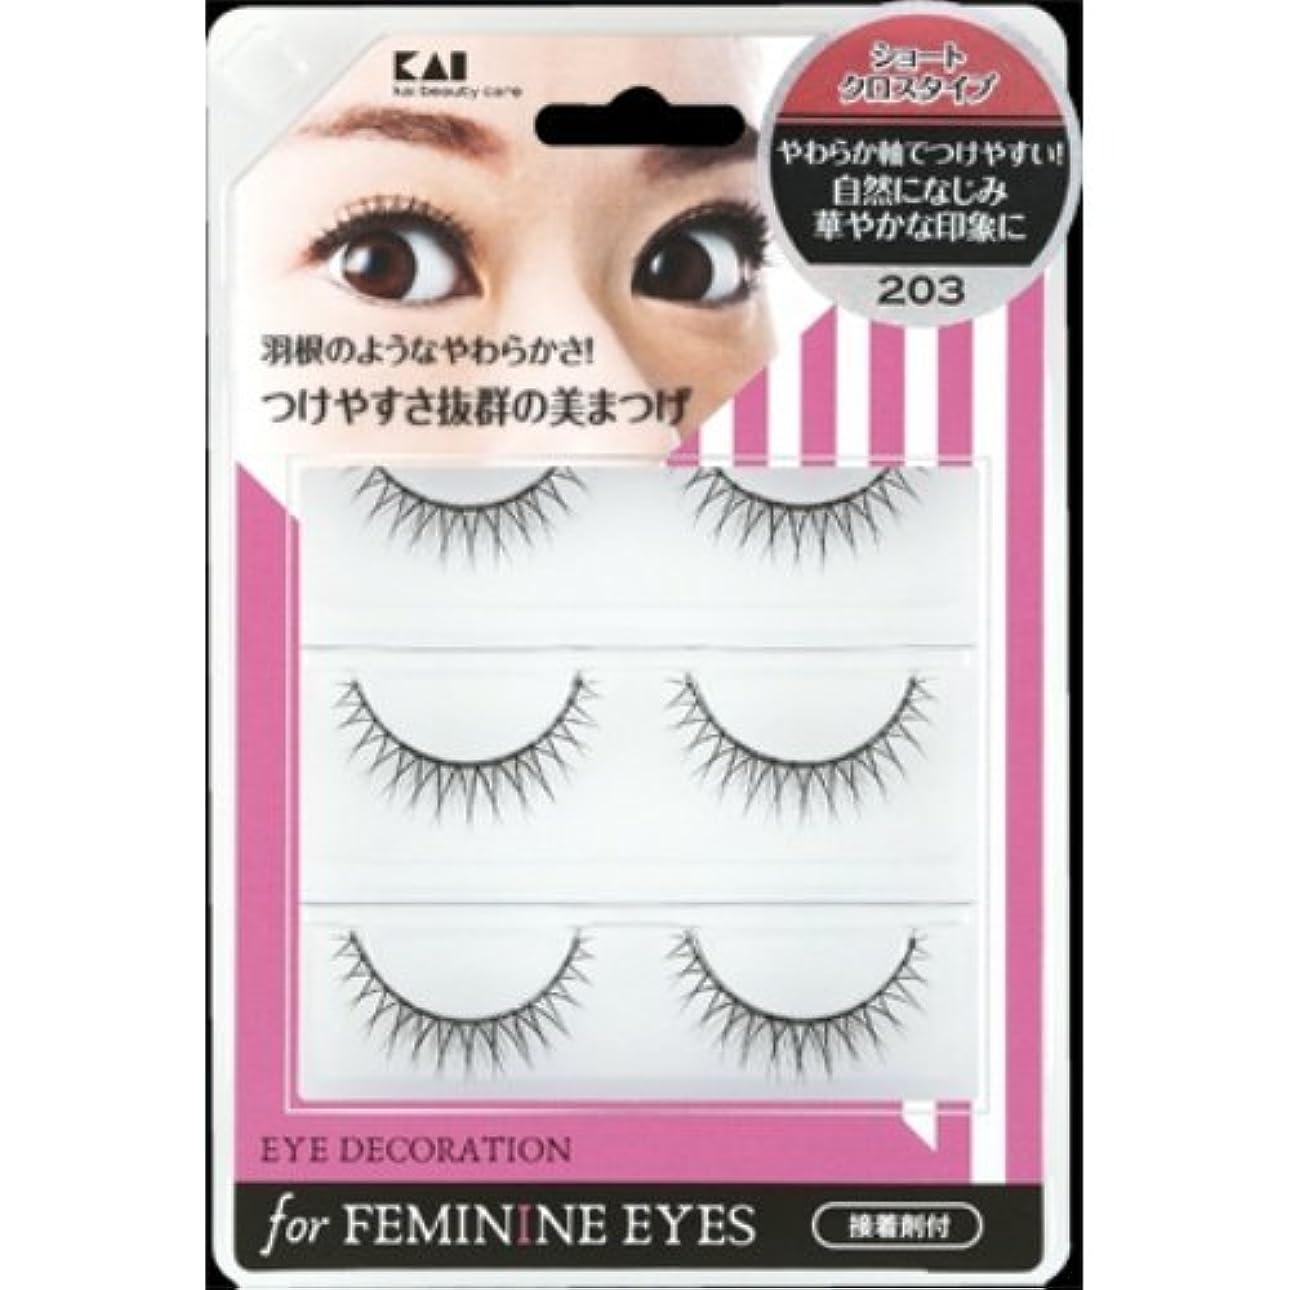 多様な達成する鑑定貝印 アイデコレーション for feminine eyes 203 HC1560